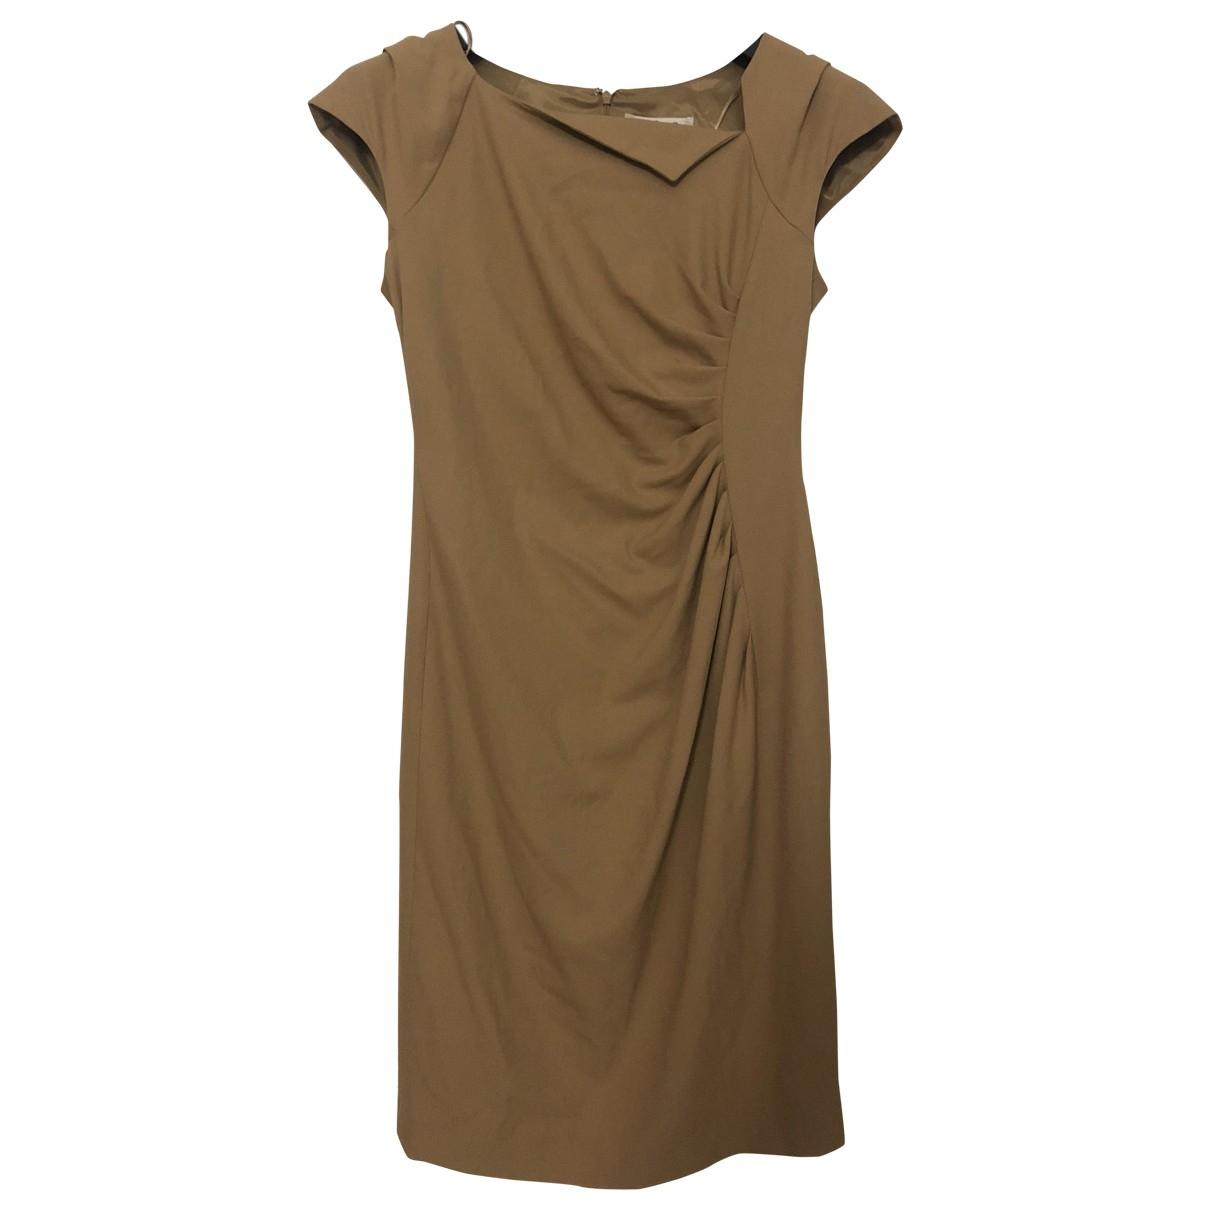 Lk Bennett - Robe   pour femme - beige